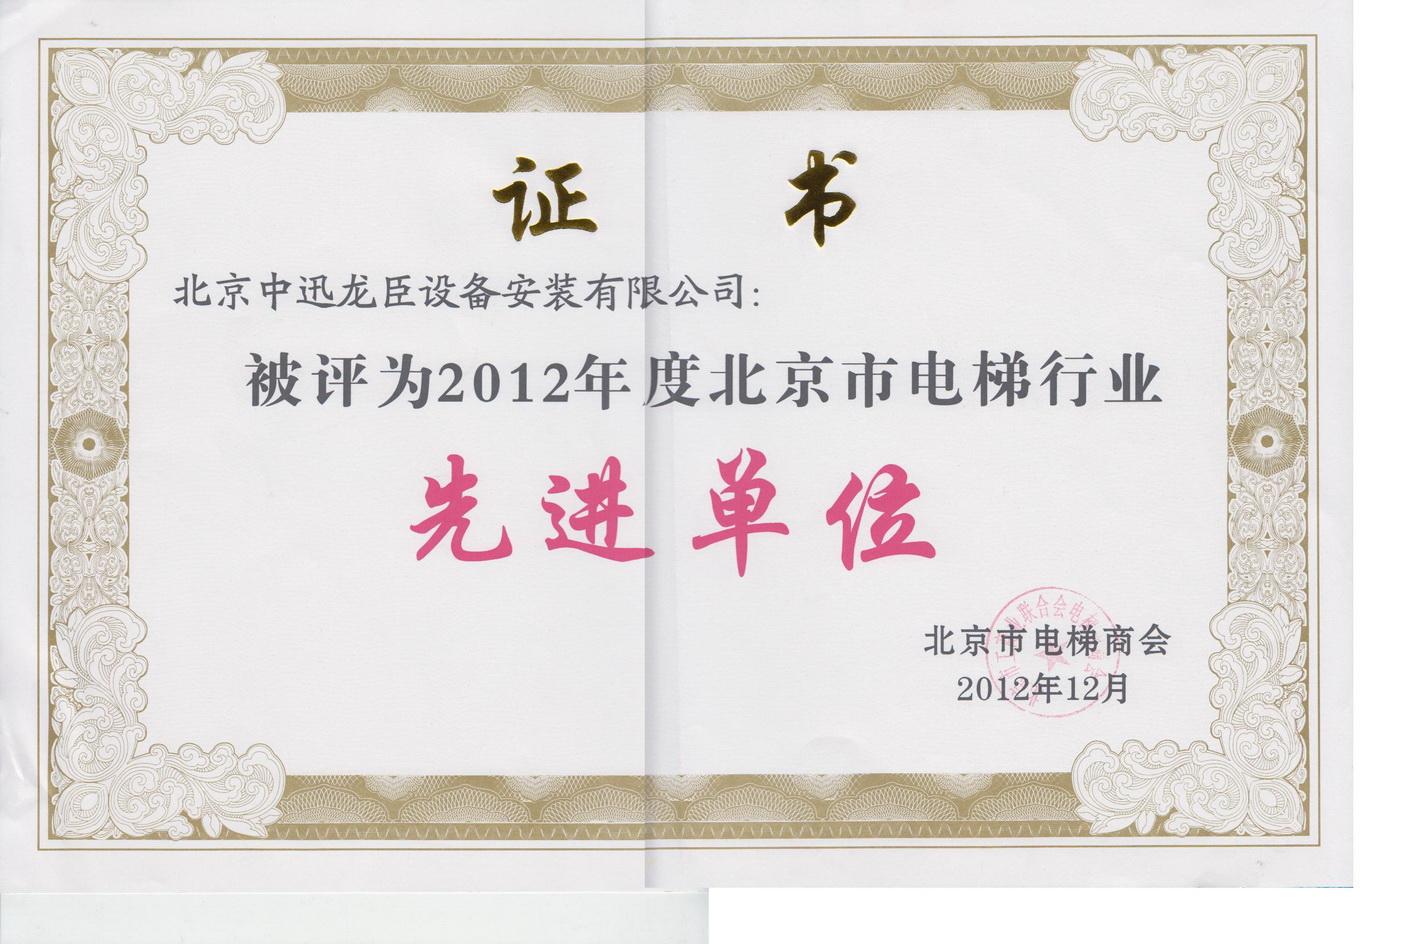 2012年度先进单位